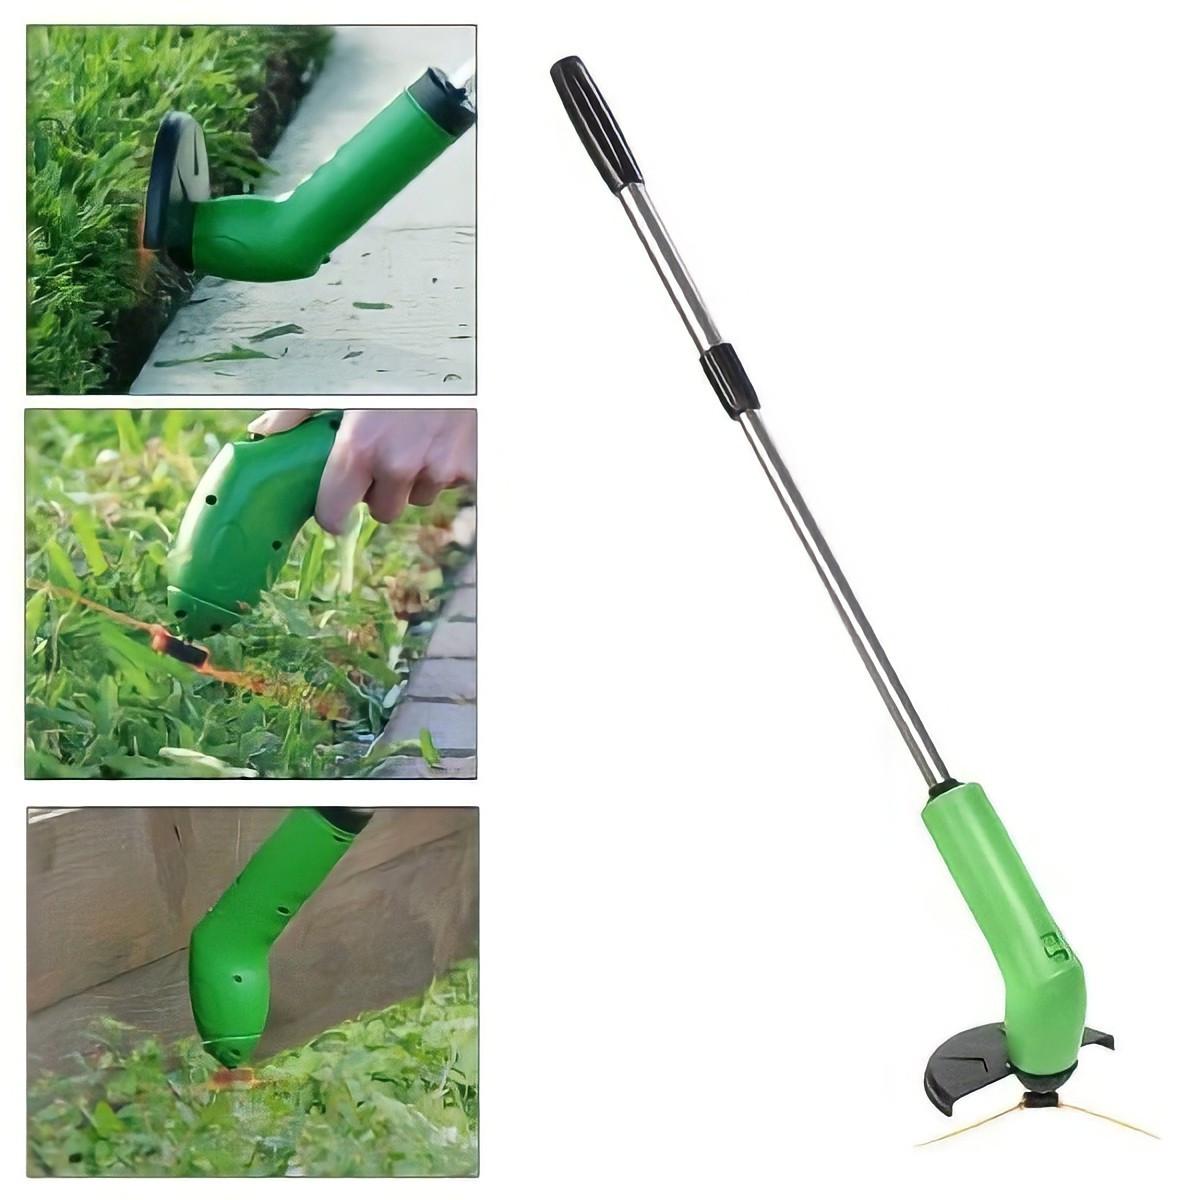 Ручная беспроводная газонокосилка Zip Trim   Беспроводной аккумуляторный триммер для травы Zip Trim